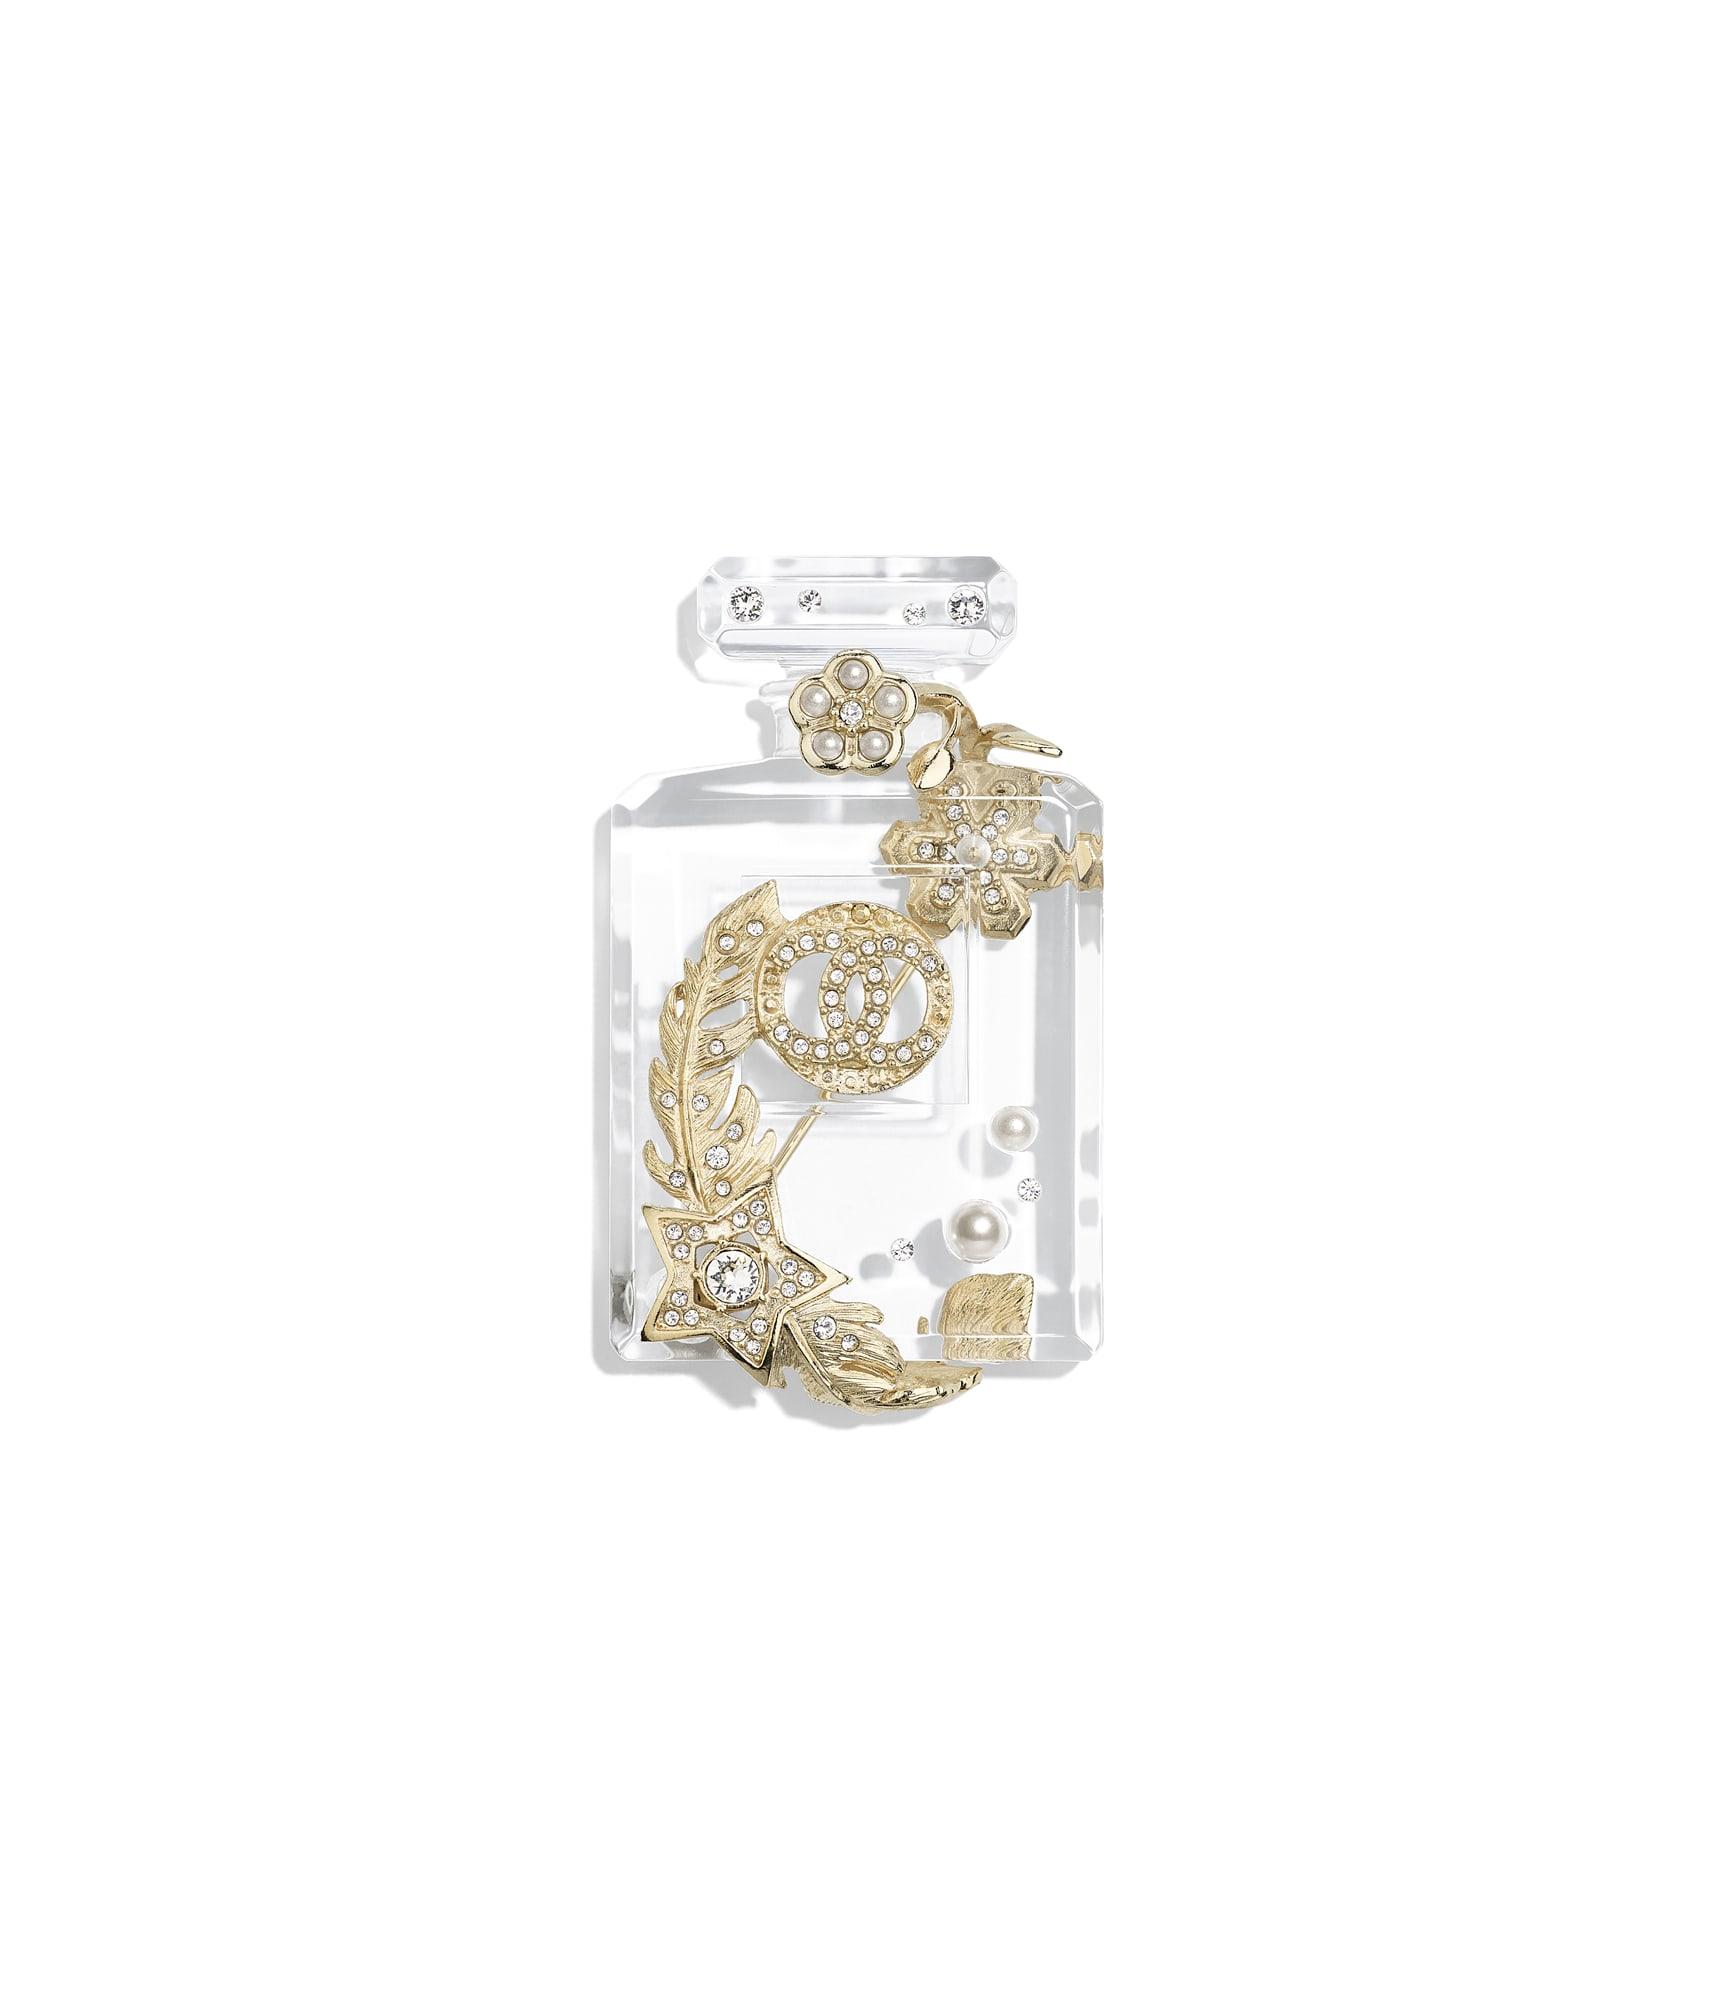 où acheter super pas cher se compare à complet dans les spécifications Brooches - Costume Jewelry - CHANEL